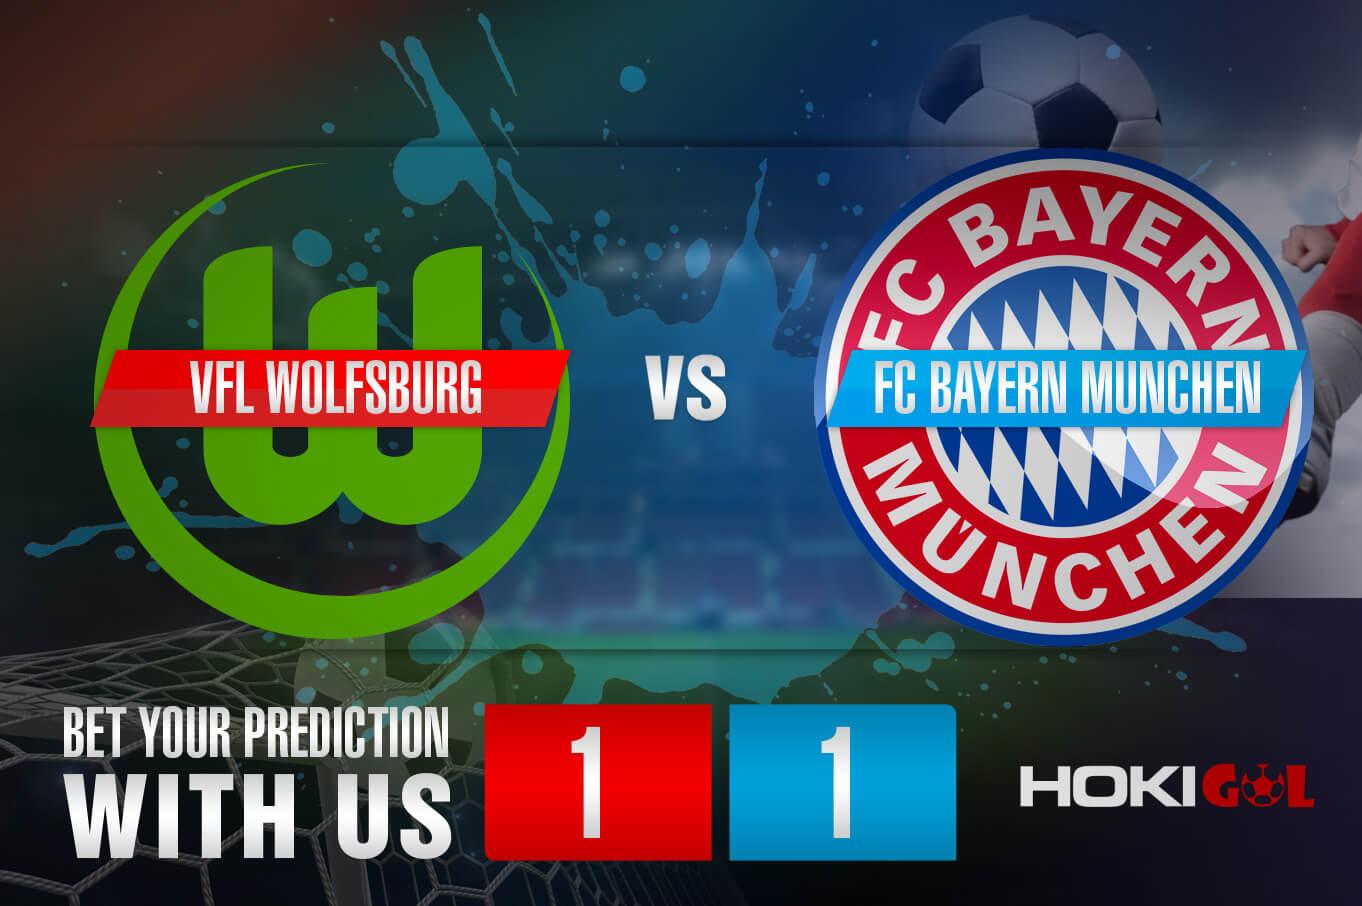 Prediksi Bola VfL Wolfsburg Vs FC Bayern Munchen 17 April 2021